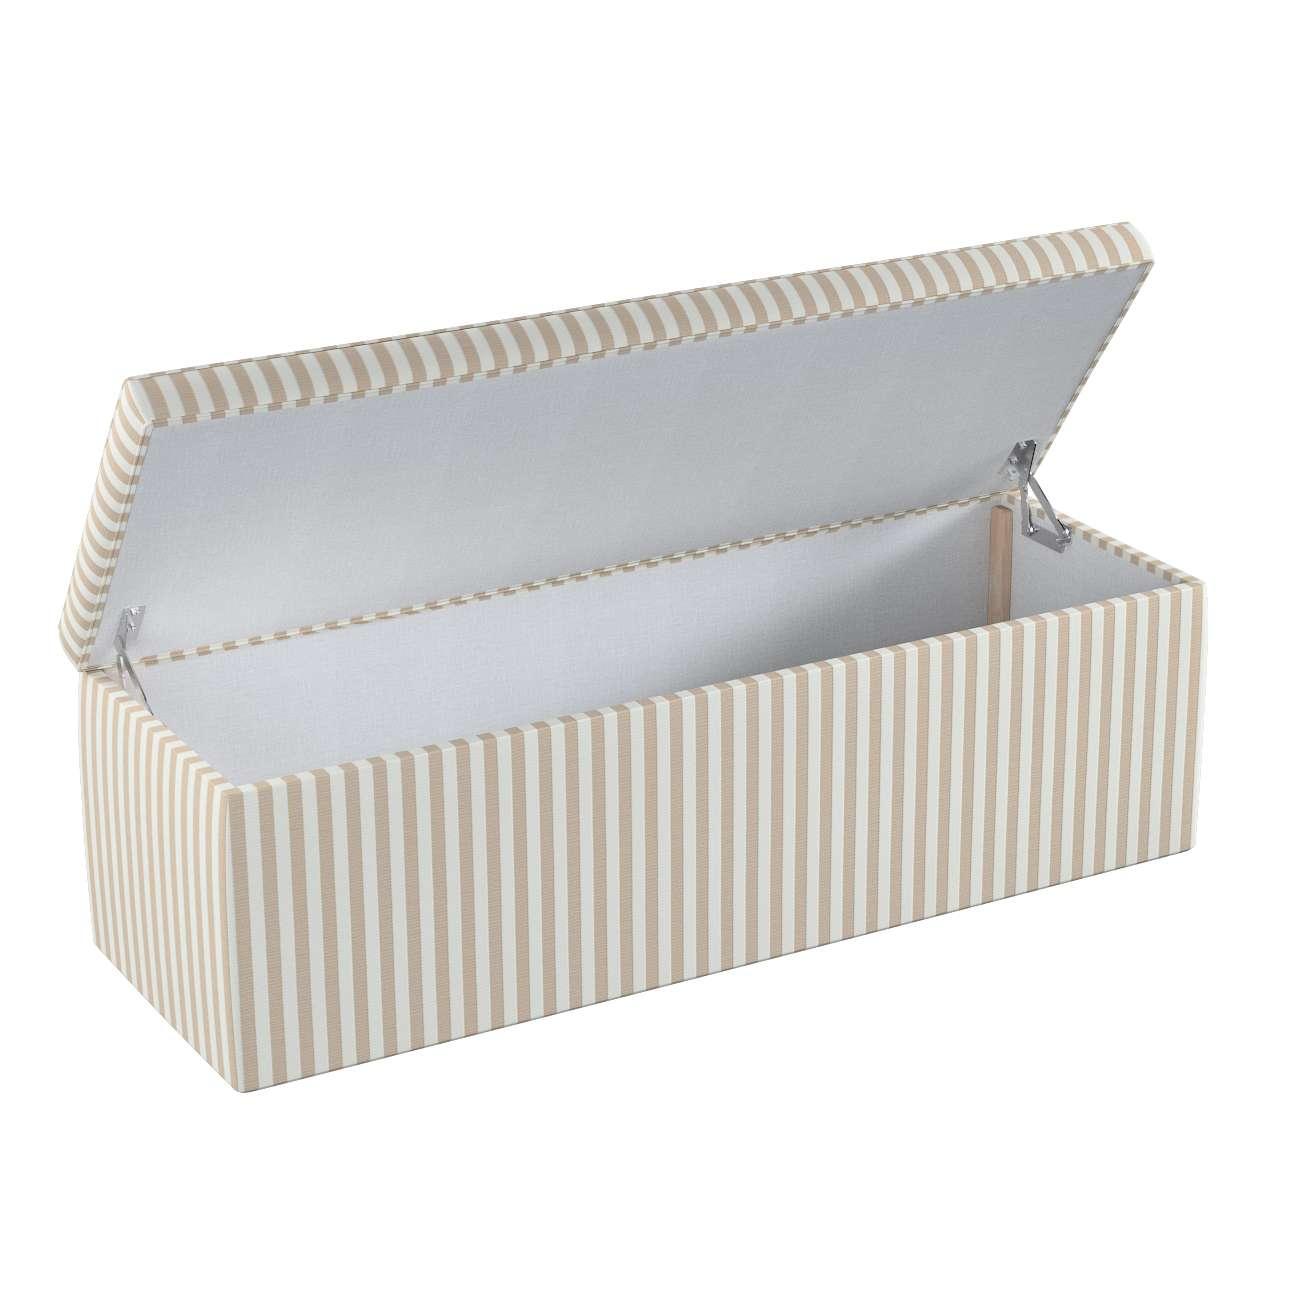 Čalouněná skříň s volbou látky - 2 velikosti v kolekci Quadro, látka: 136-07